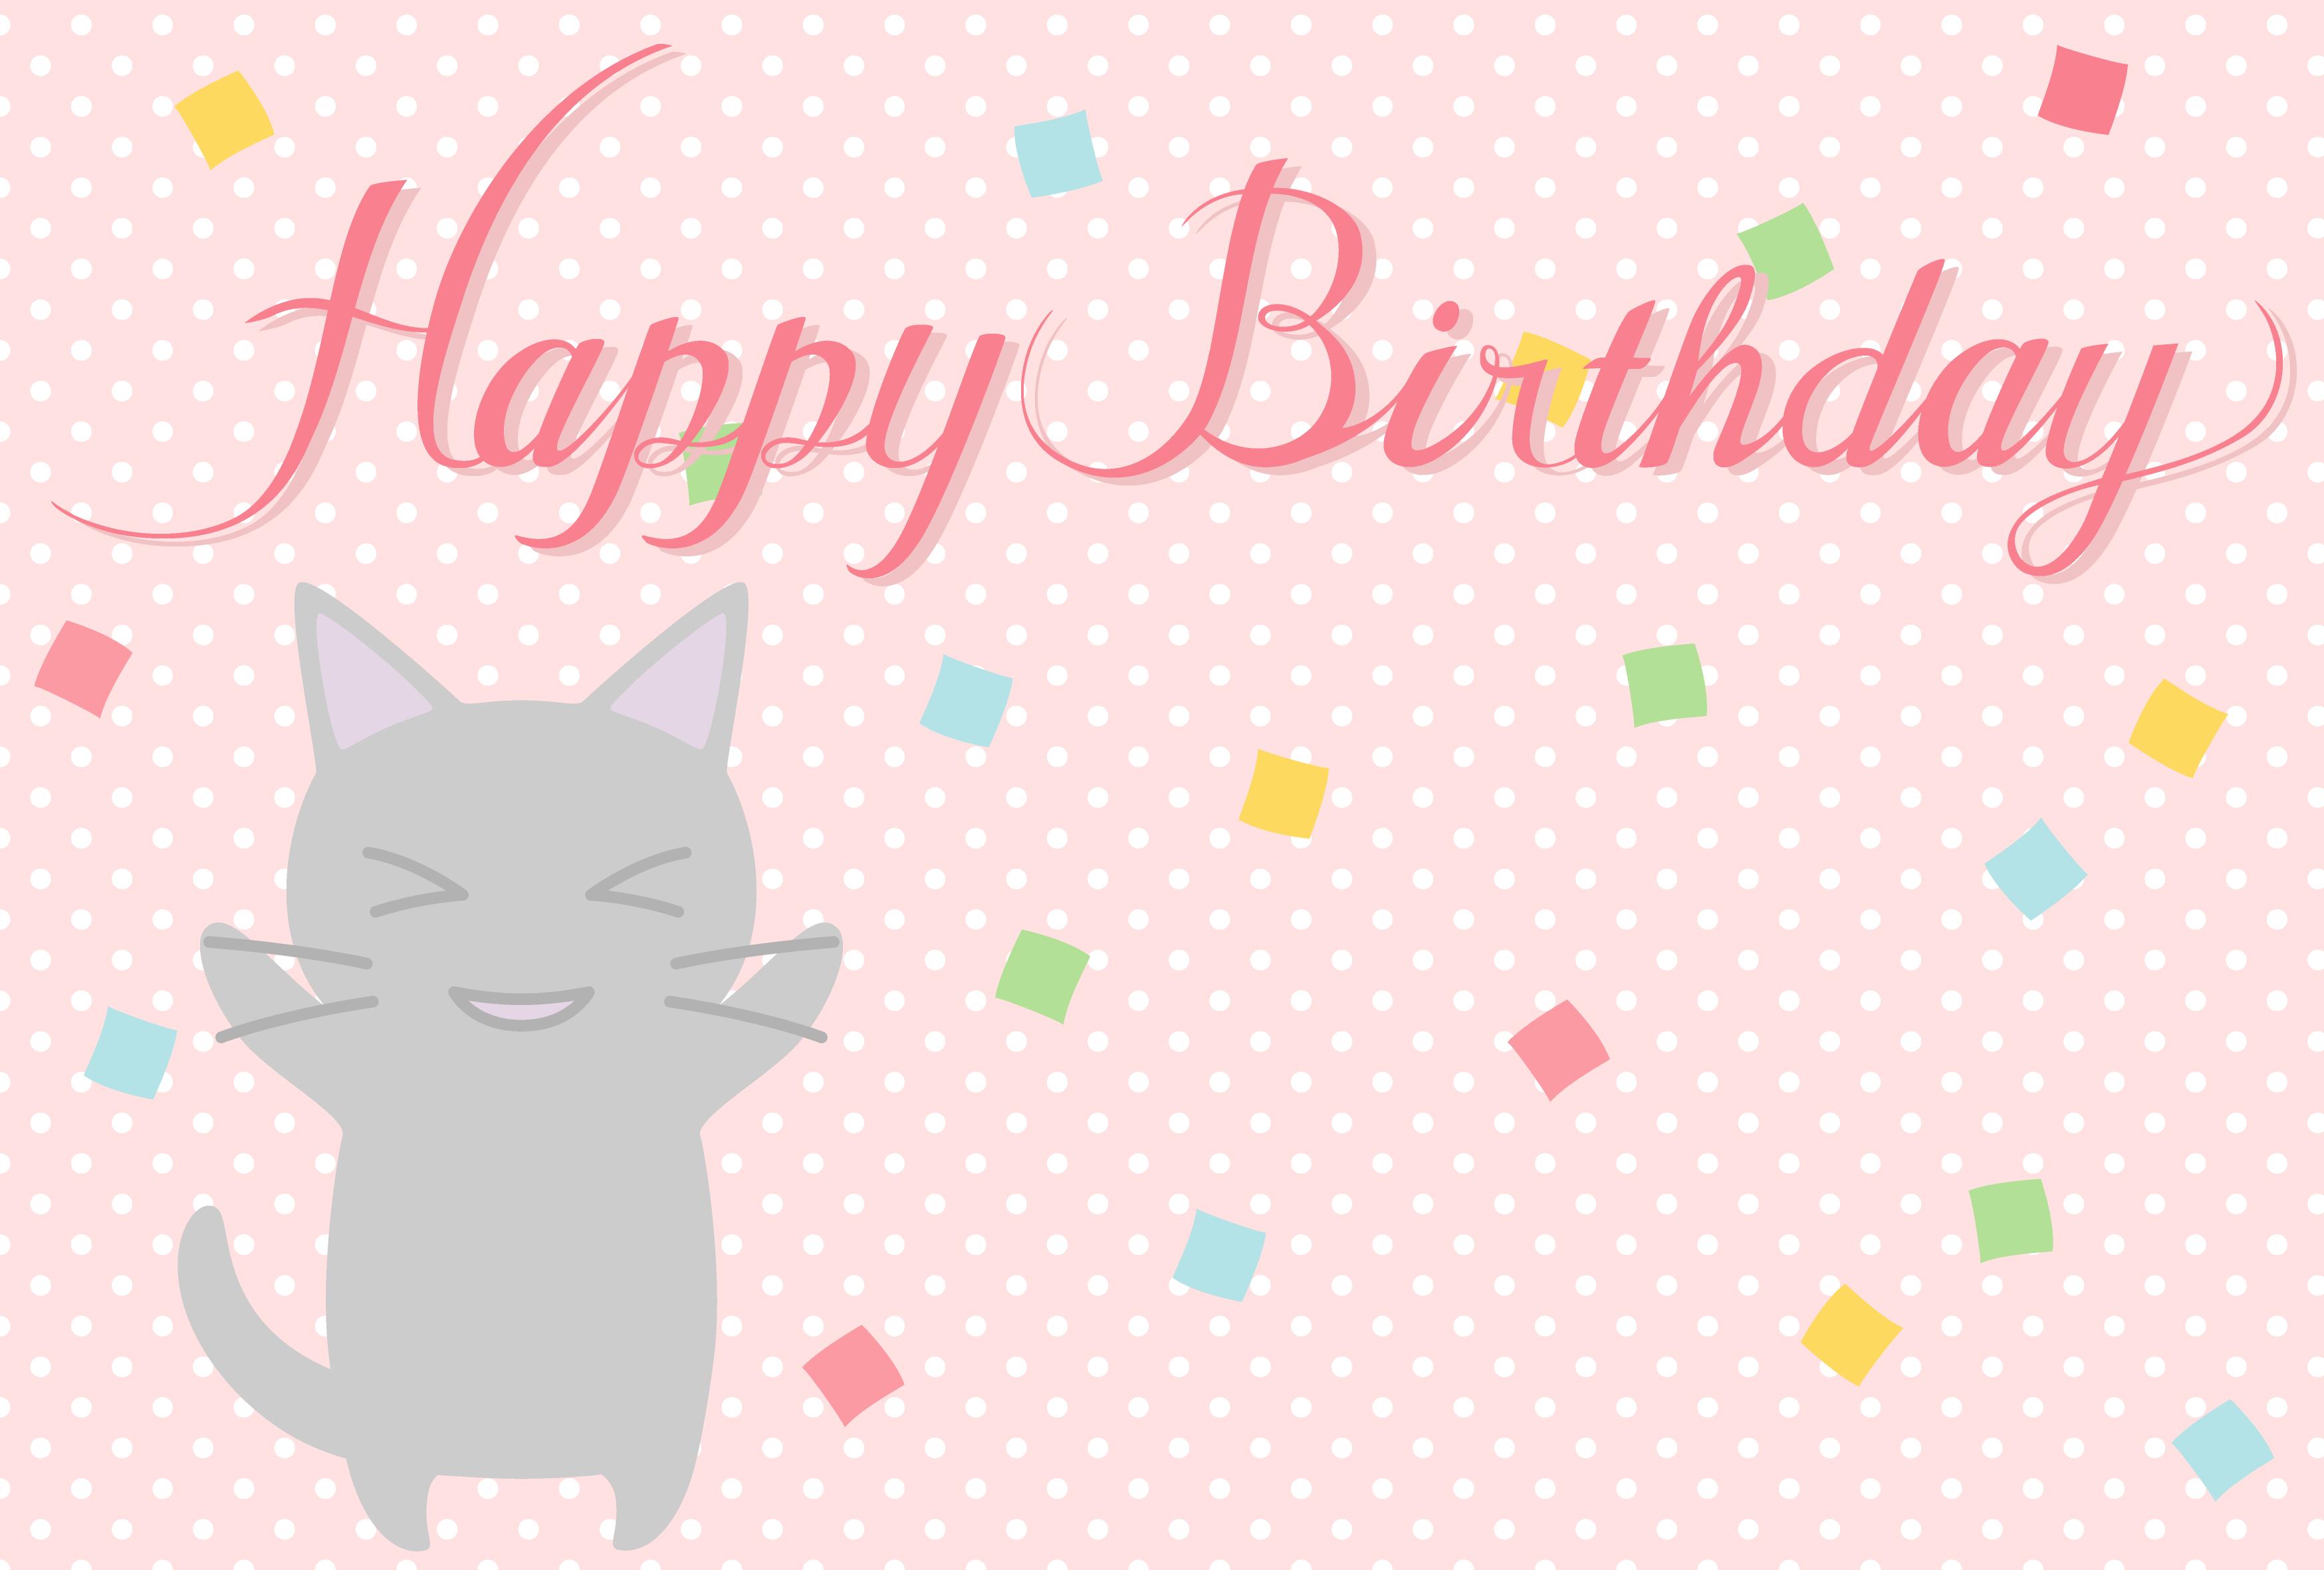 誕生日カード(バースデーカード)